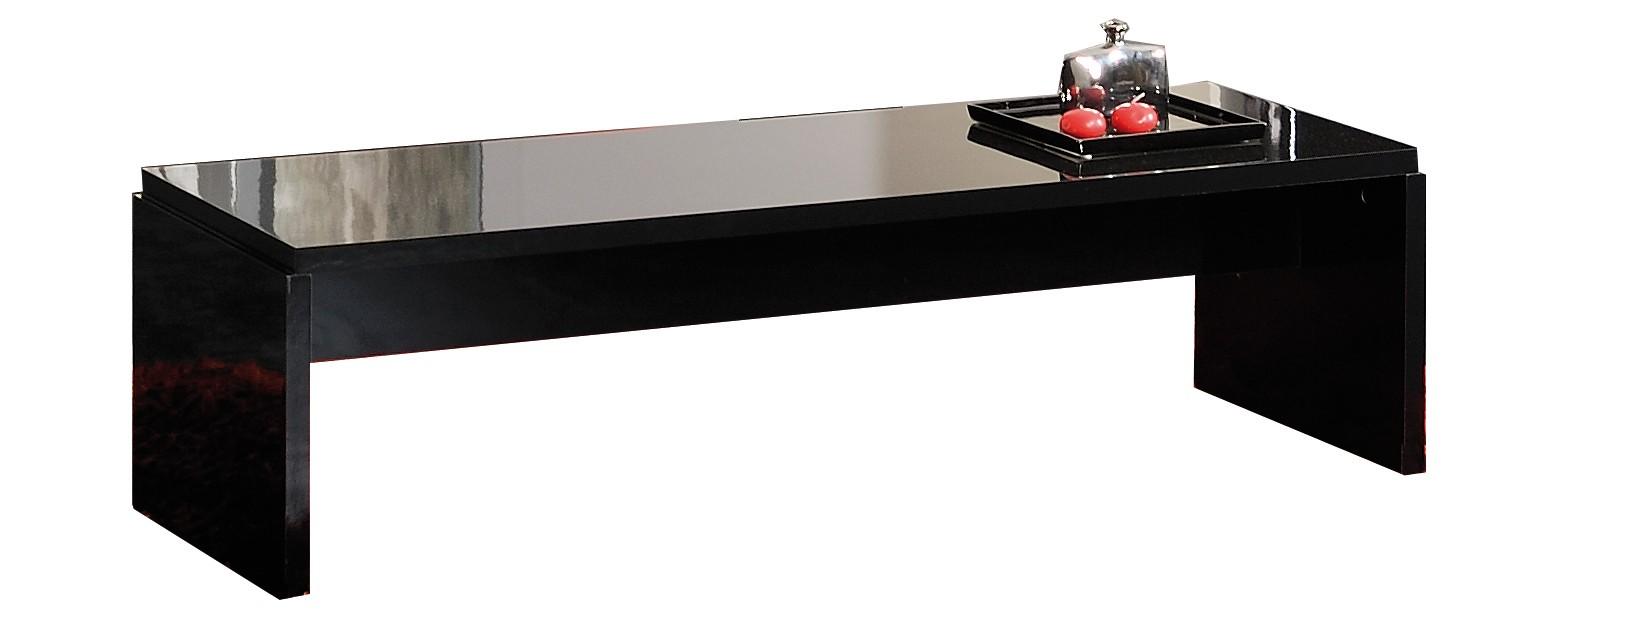 sitzbank mod so146 schwarz hochglanz h c m bel. Black Bedroom Furniture Sets. Home Design Ideas